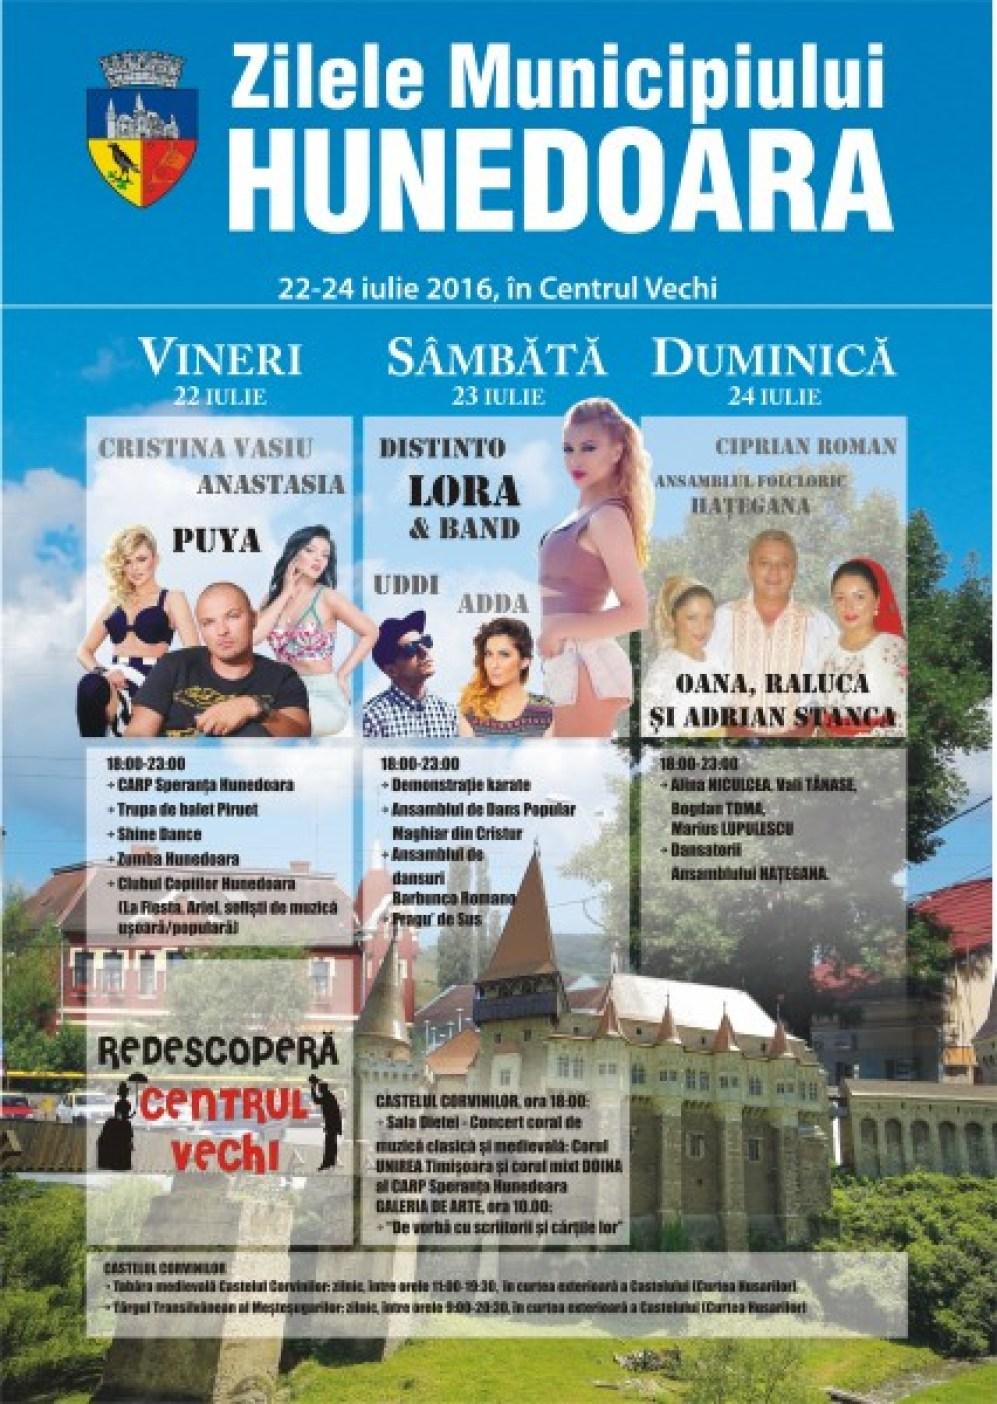 Zilele Hunedoarei 2016